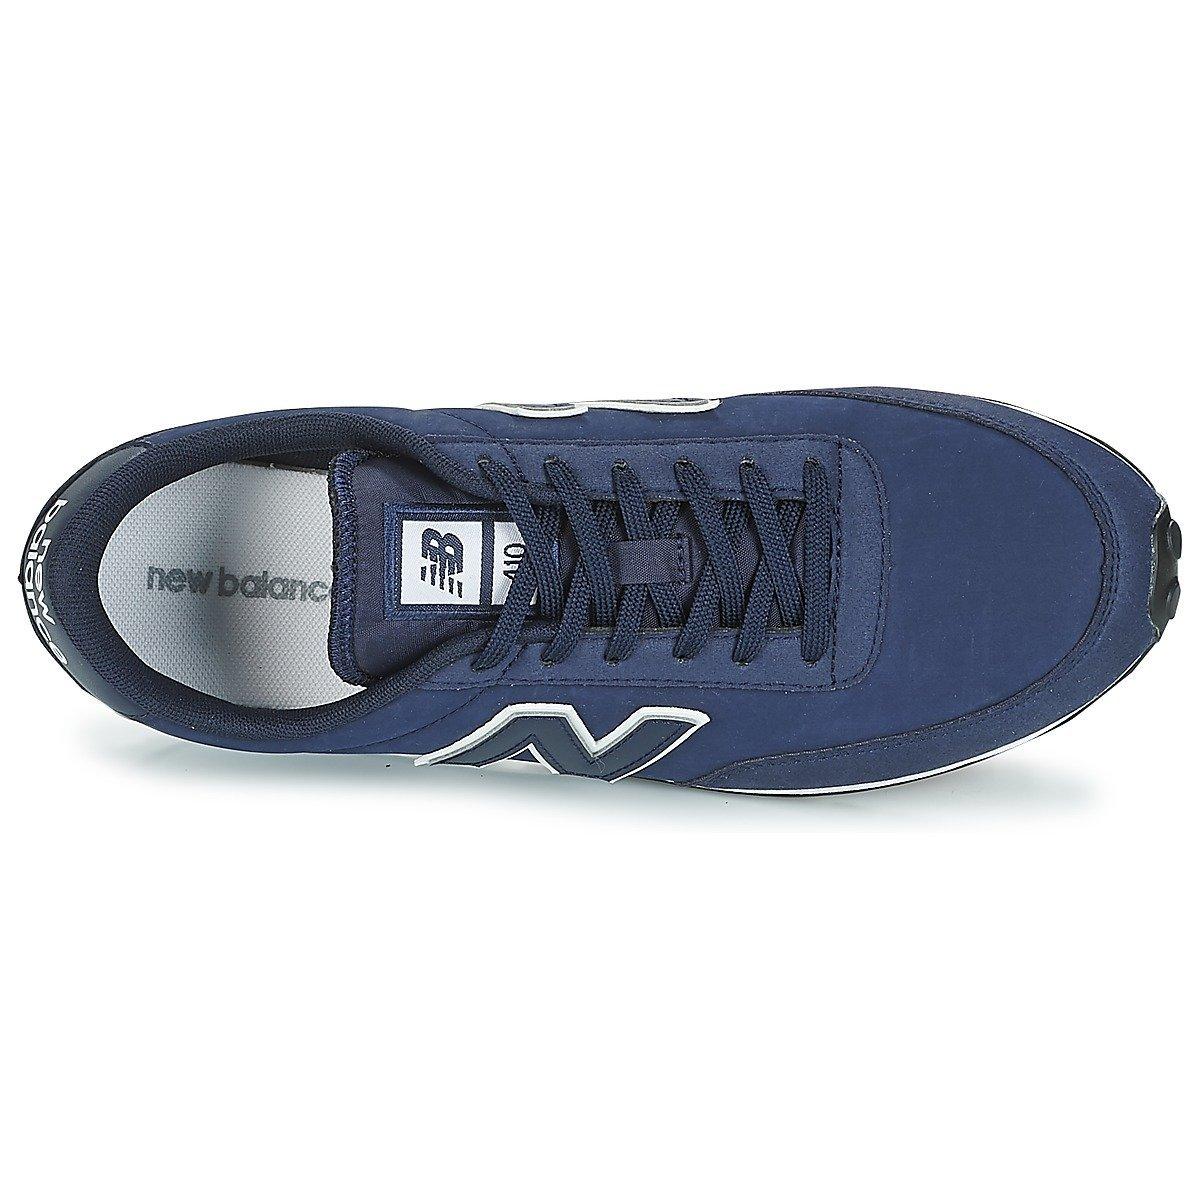 sneakers new balance u410nwg bleu marine